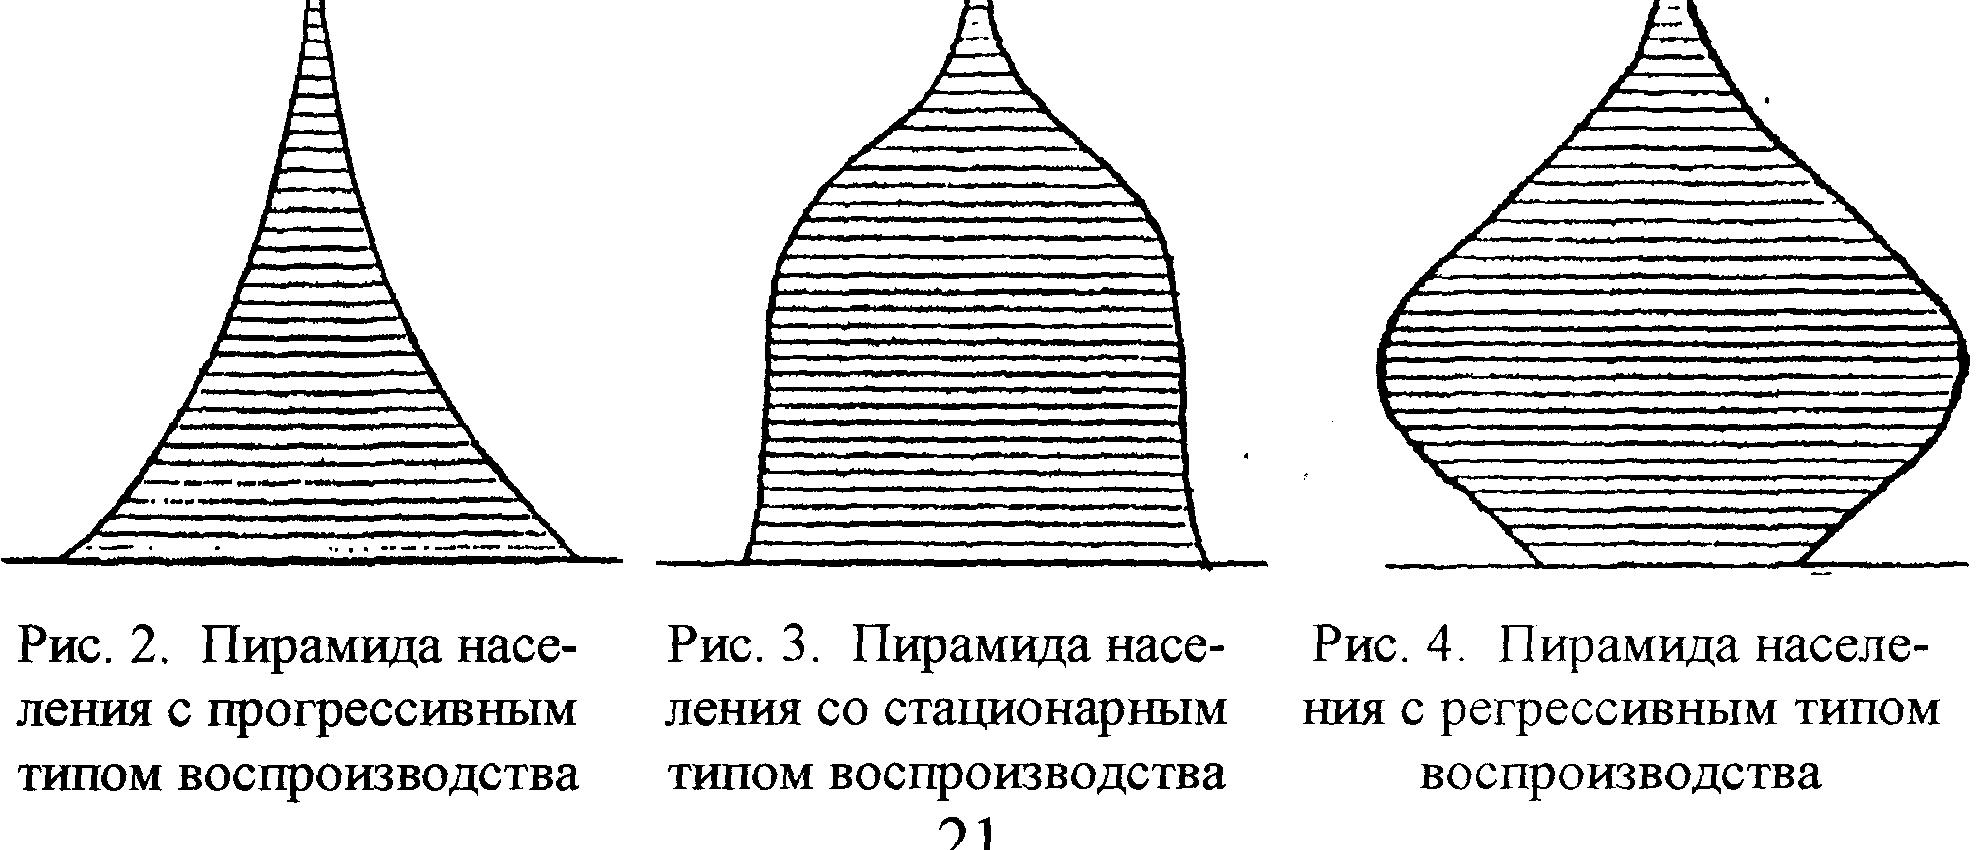 Численность населения россия 2020  - populationpyramid.net